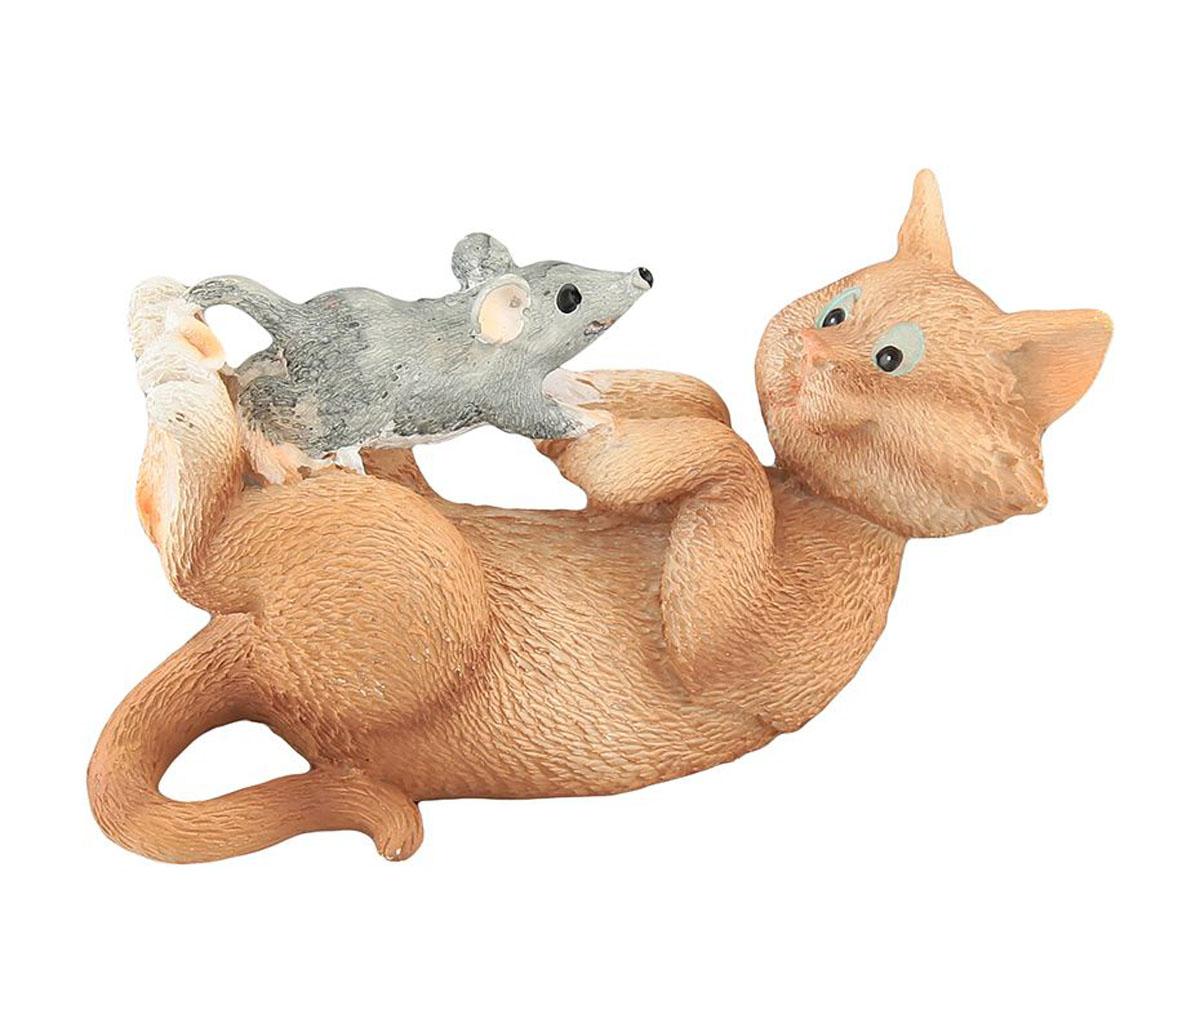 Фигурка декоративная Elan Gallery Кот с мышкой, высота 4,5 см700063Декоративные фигурки с изображением забавных животных, станут прекрасным сувениром, которые вызовет улыбку и поднимет настроение. Фигурки выполнены из полистоуна.